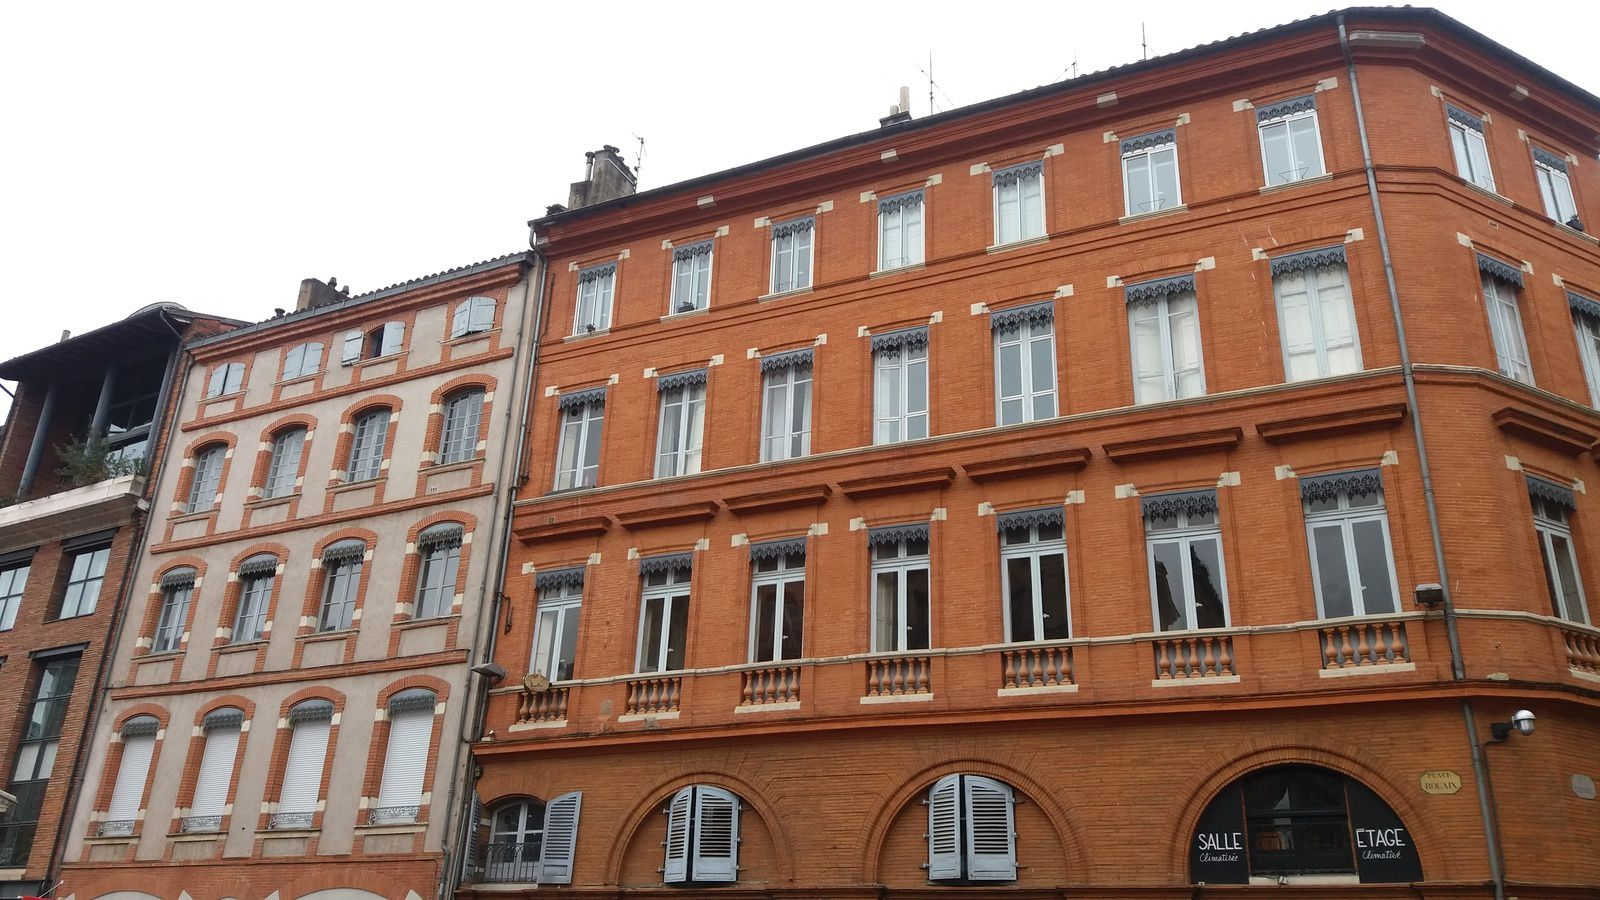 Troisième jour: Toulouse - deuxième partie